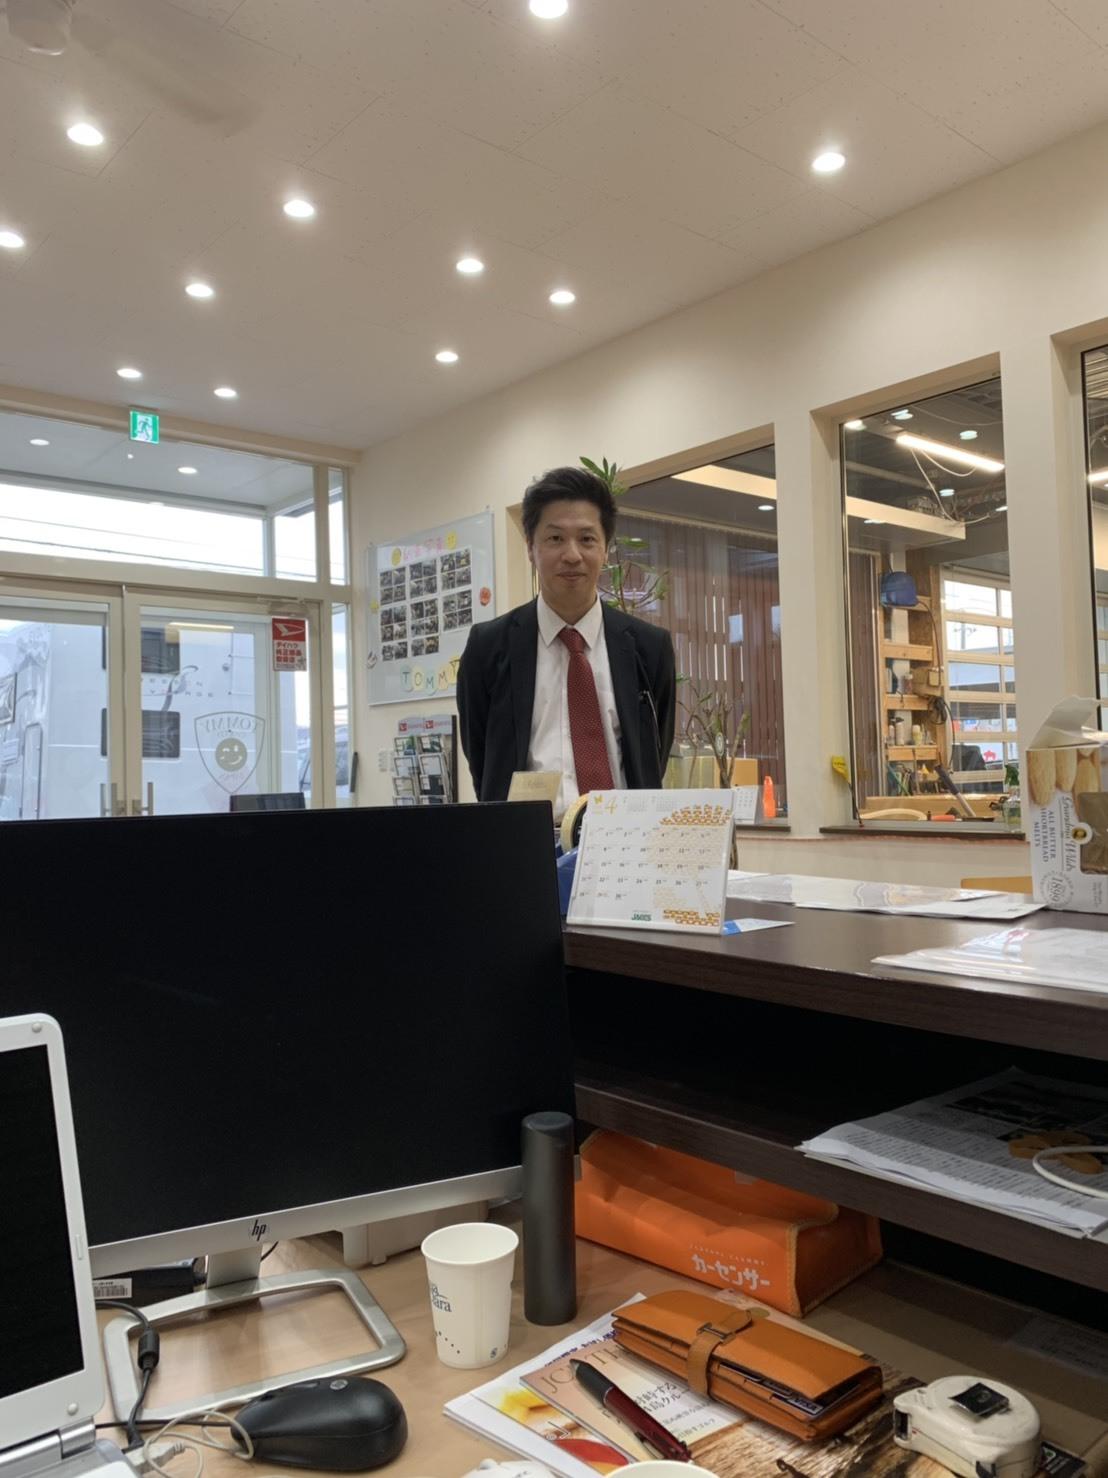 4月23日(火)本店ブログ ベンツE250カブリオレ AMGスポーツパッケージ入庫しております ハマーランクル アルファード _b0127002_18331929.jpg